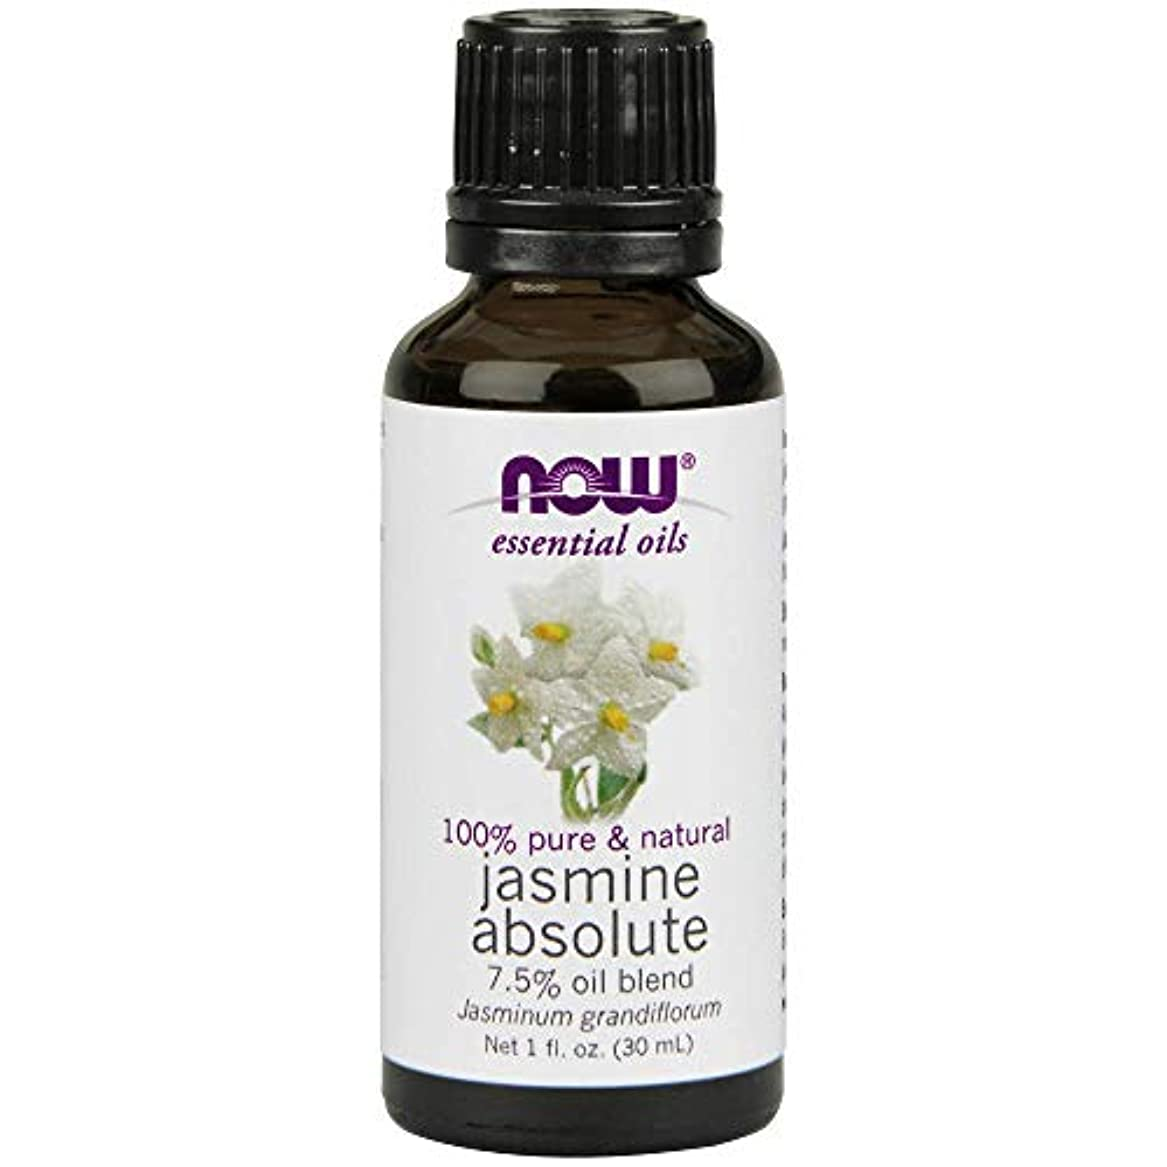 ディスパッチ比べる前置詞Now - Jasmine Absolute Oil 7.5% Oil Blend 1 oz (30 ml) [並行輸入品]